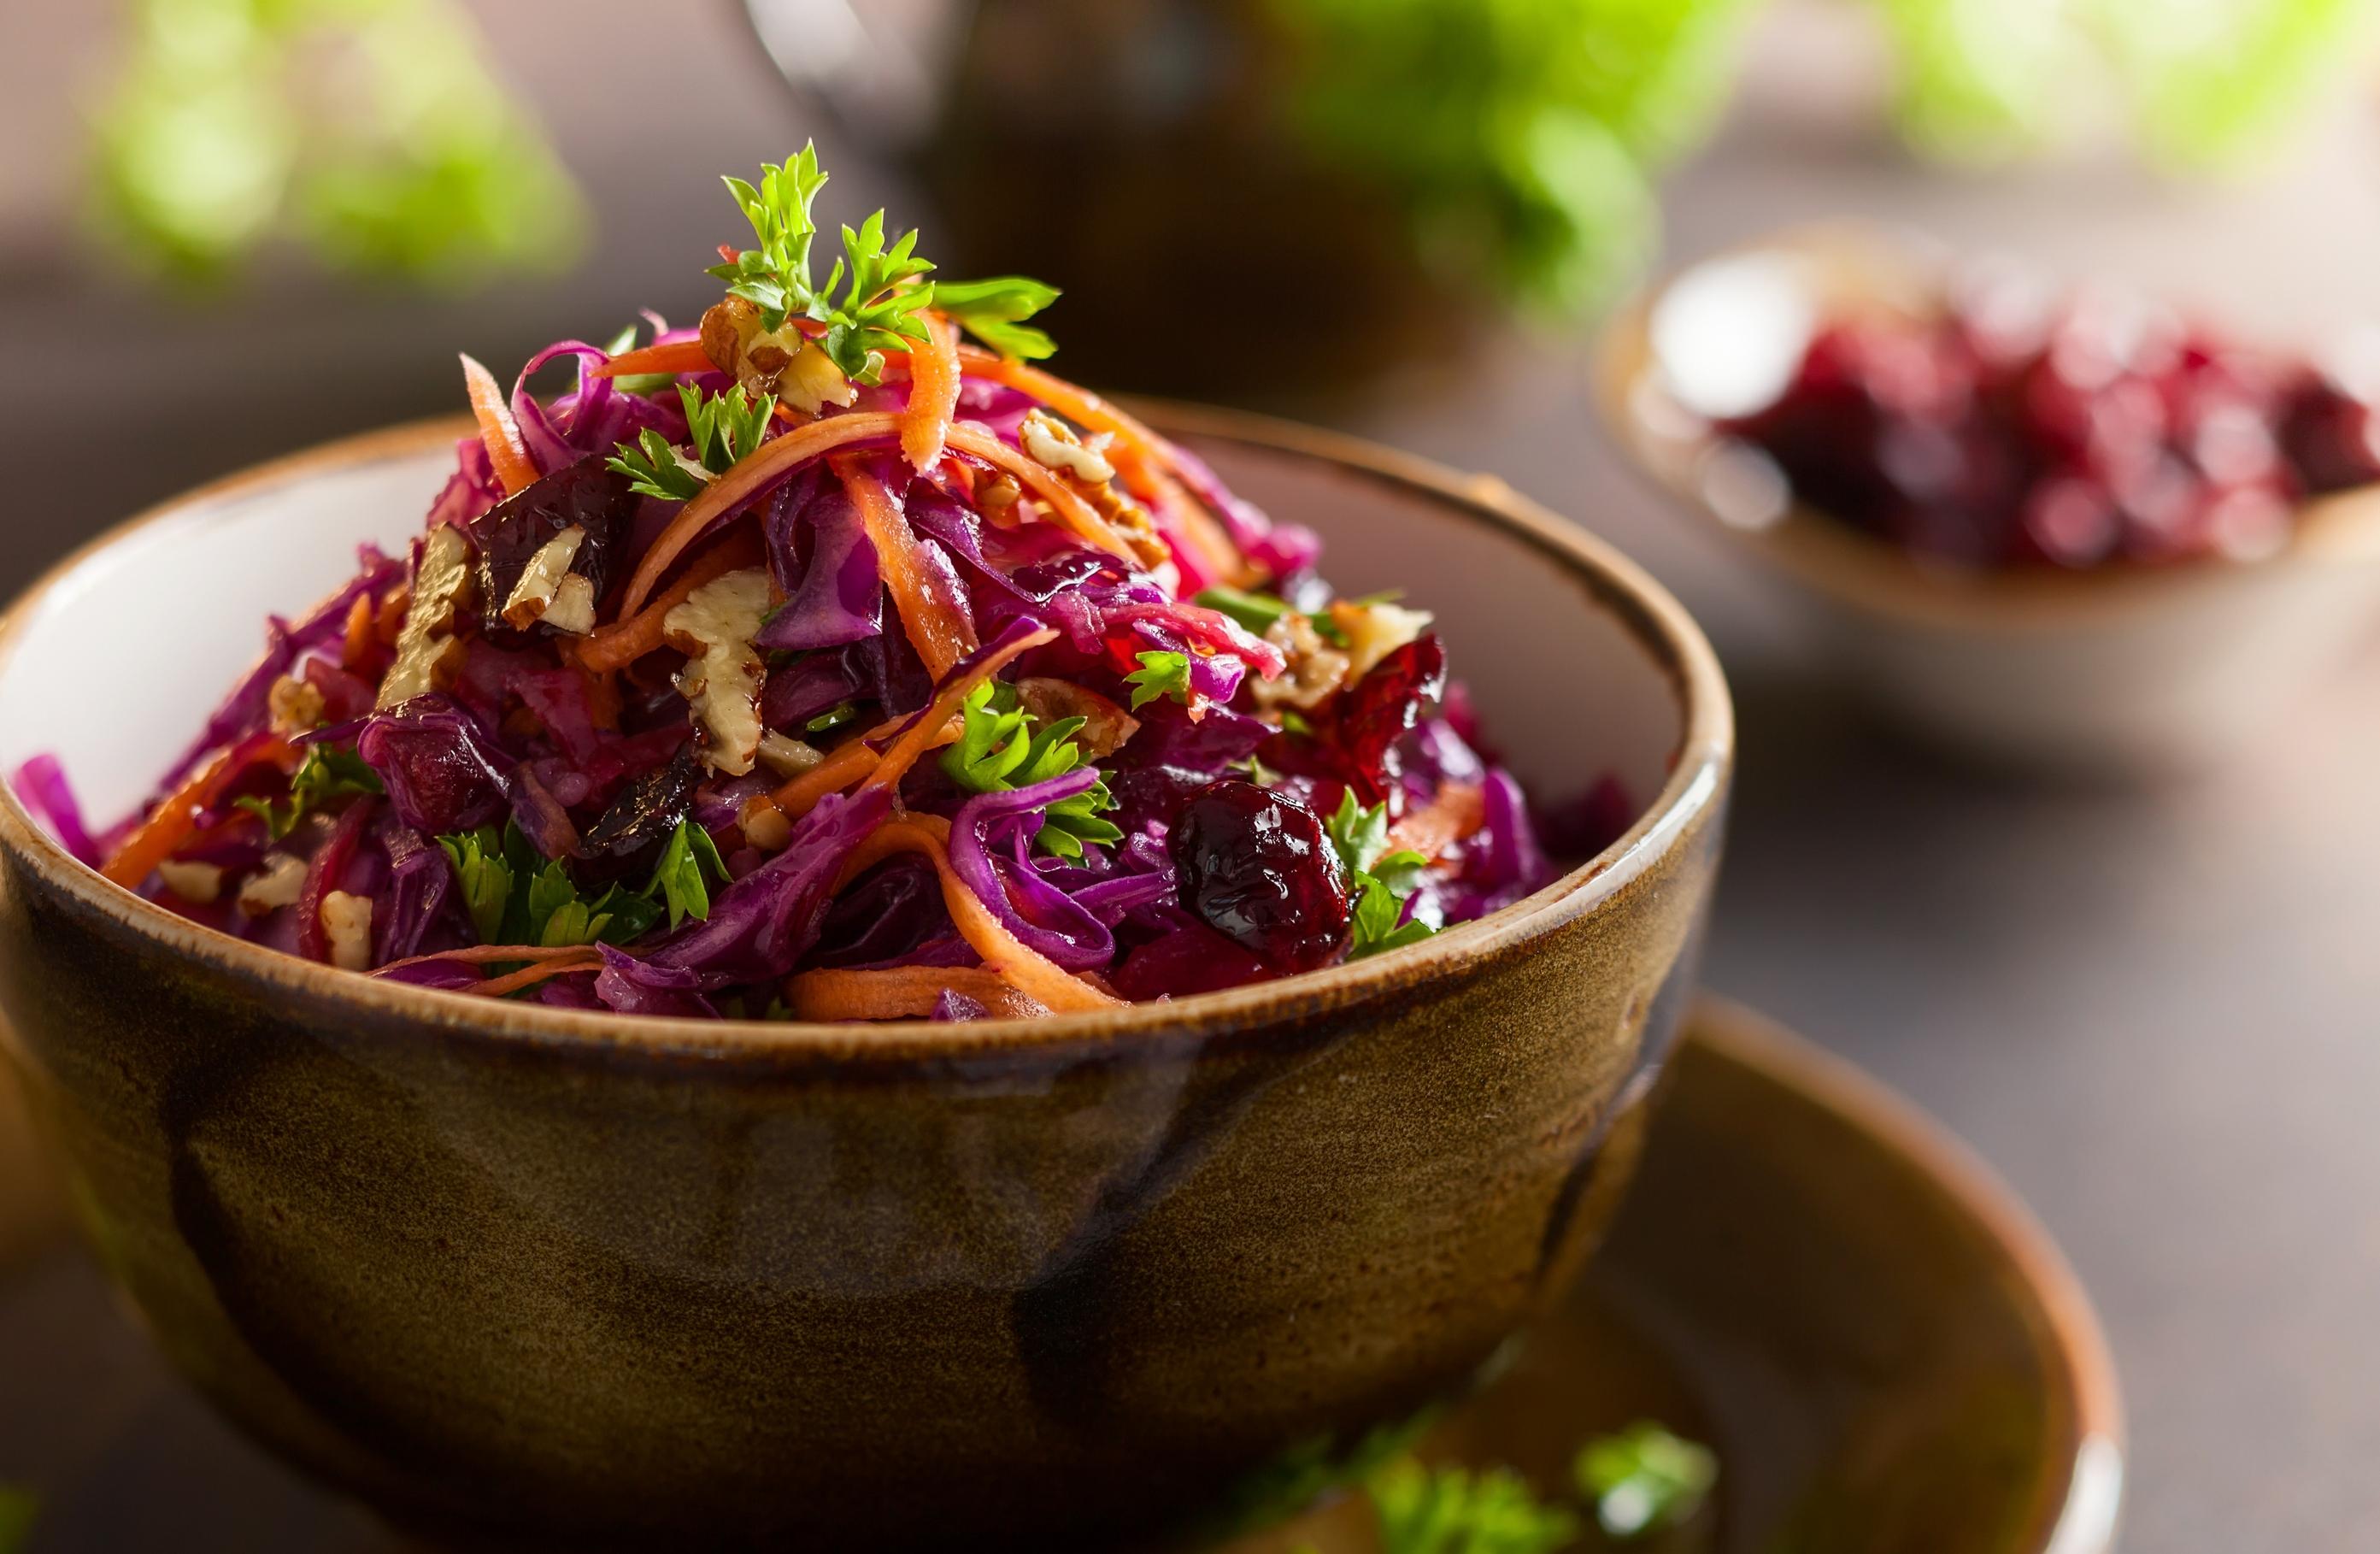 Салат из краснокочанной капусты «Витаминка»